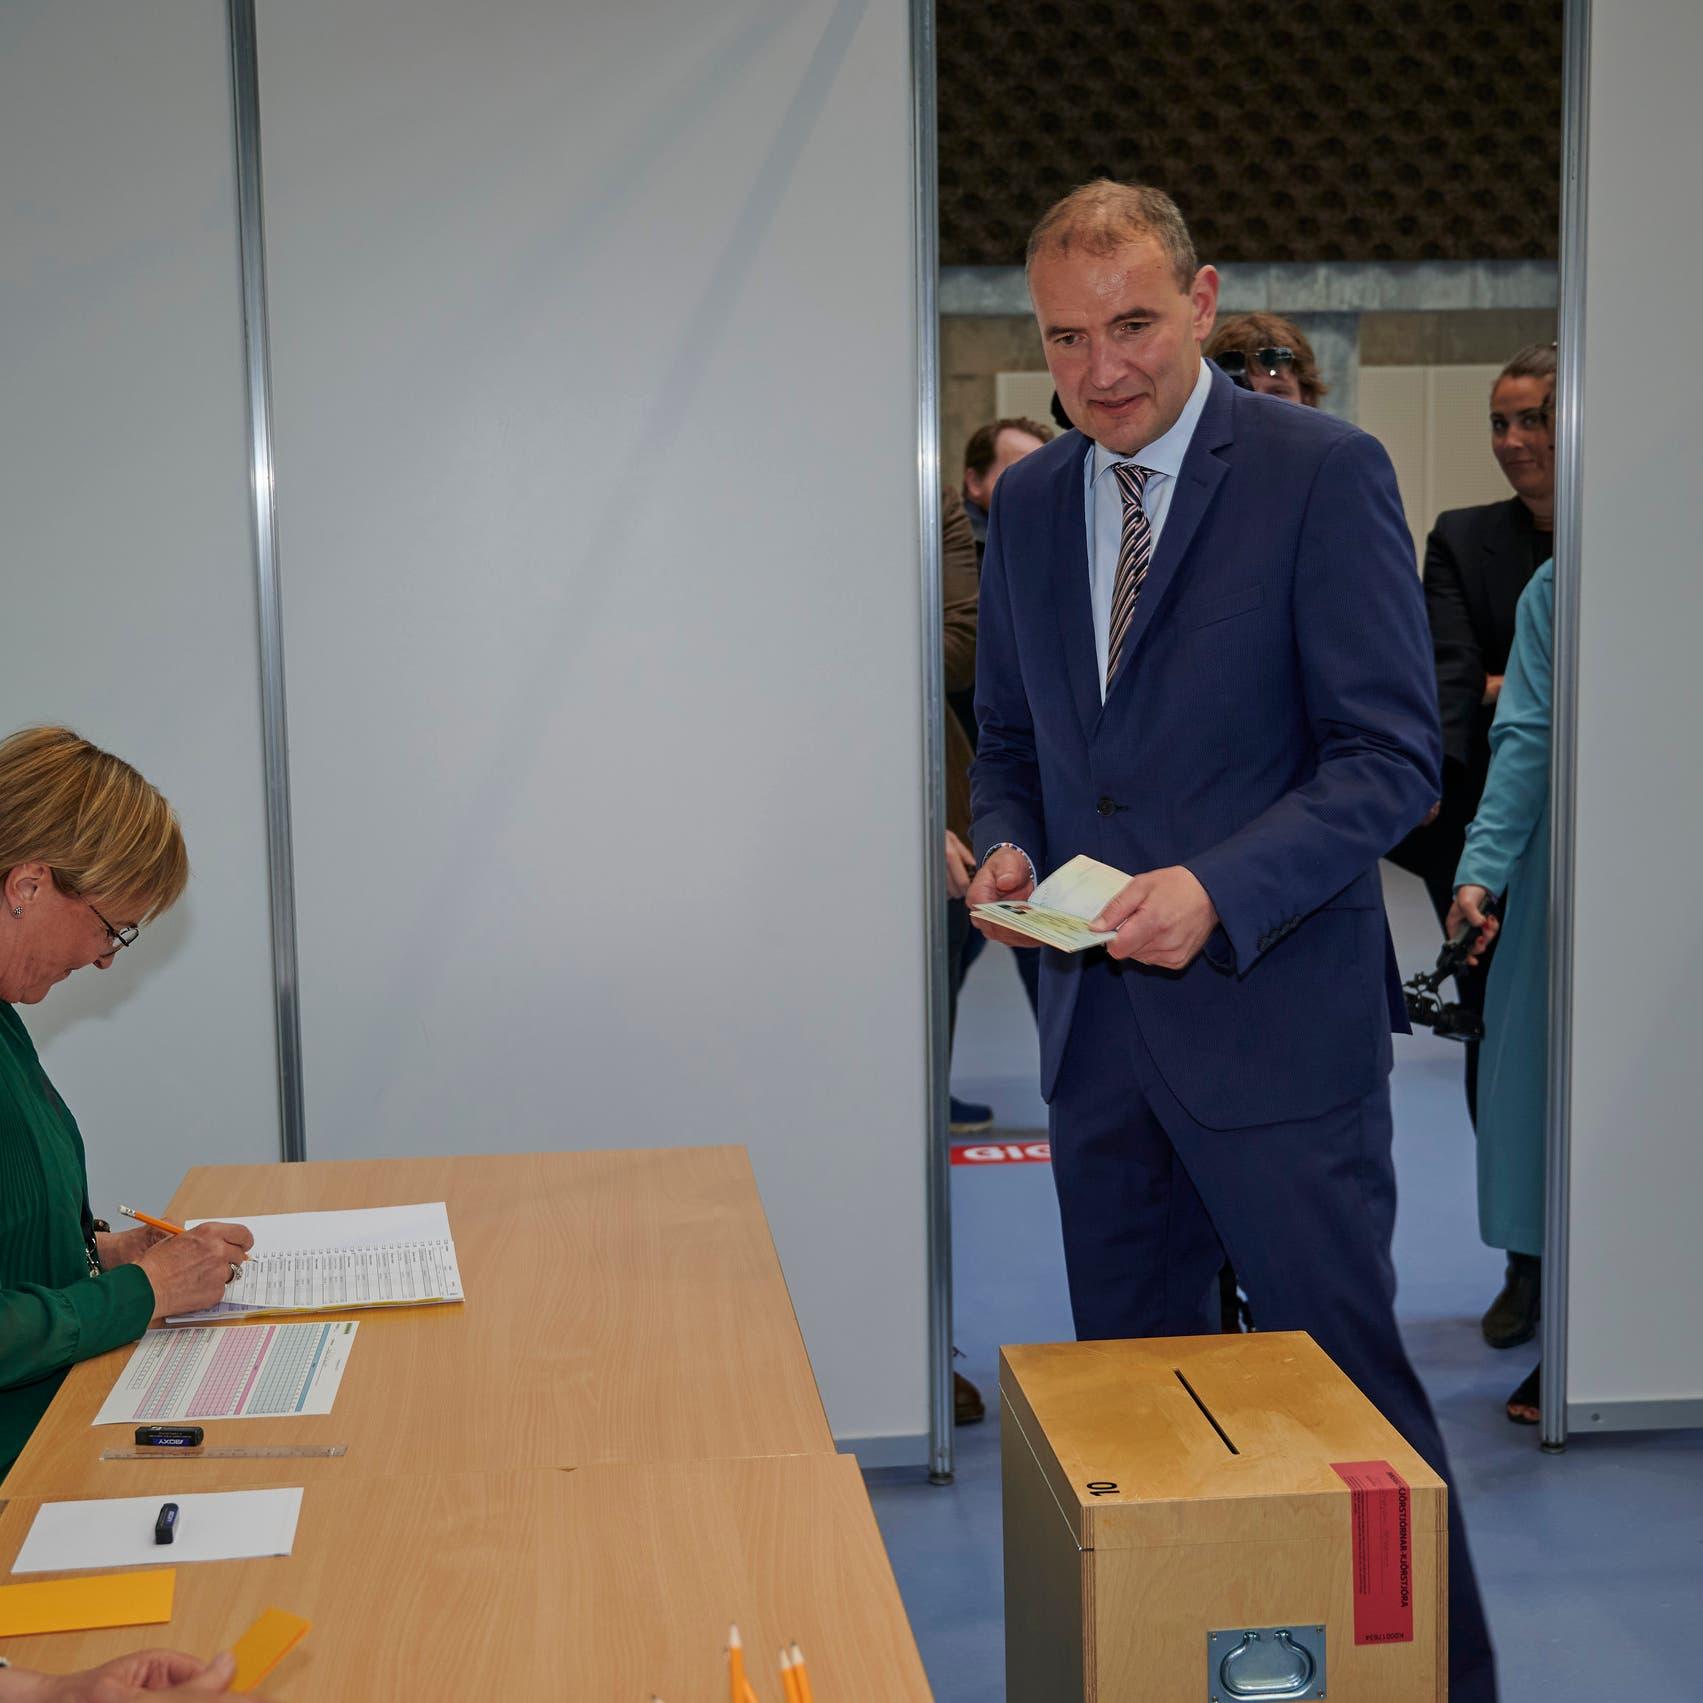 انتخابات رئاسية بدولة أوروبية.. ونسبة الفوز 92% رغم وجود منافس